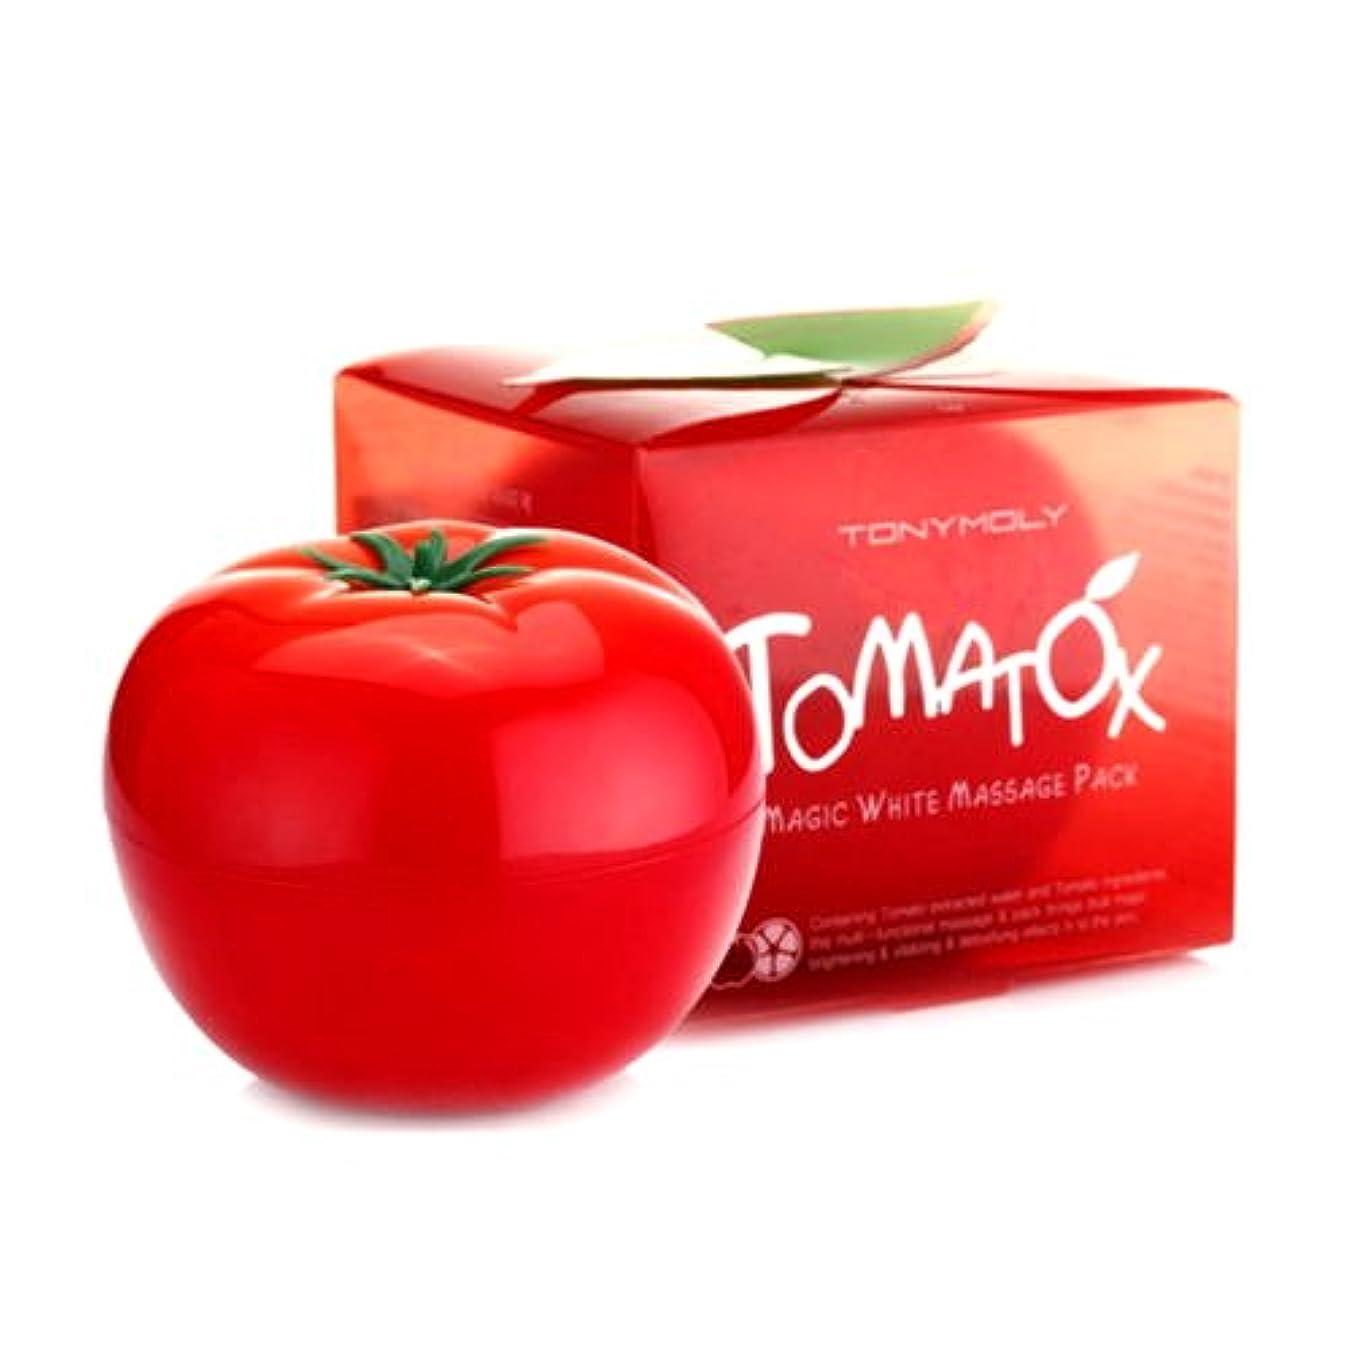 自由ピストルあごひげ(6 Pack) TONYMOLY Tomatox Magic Massage Pack (並行輸入品)